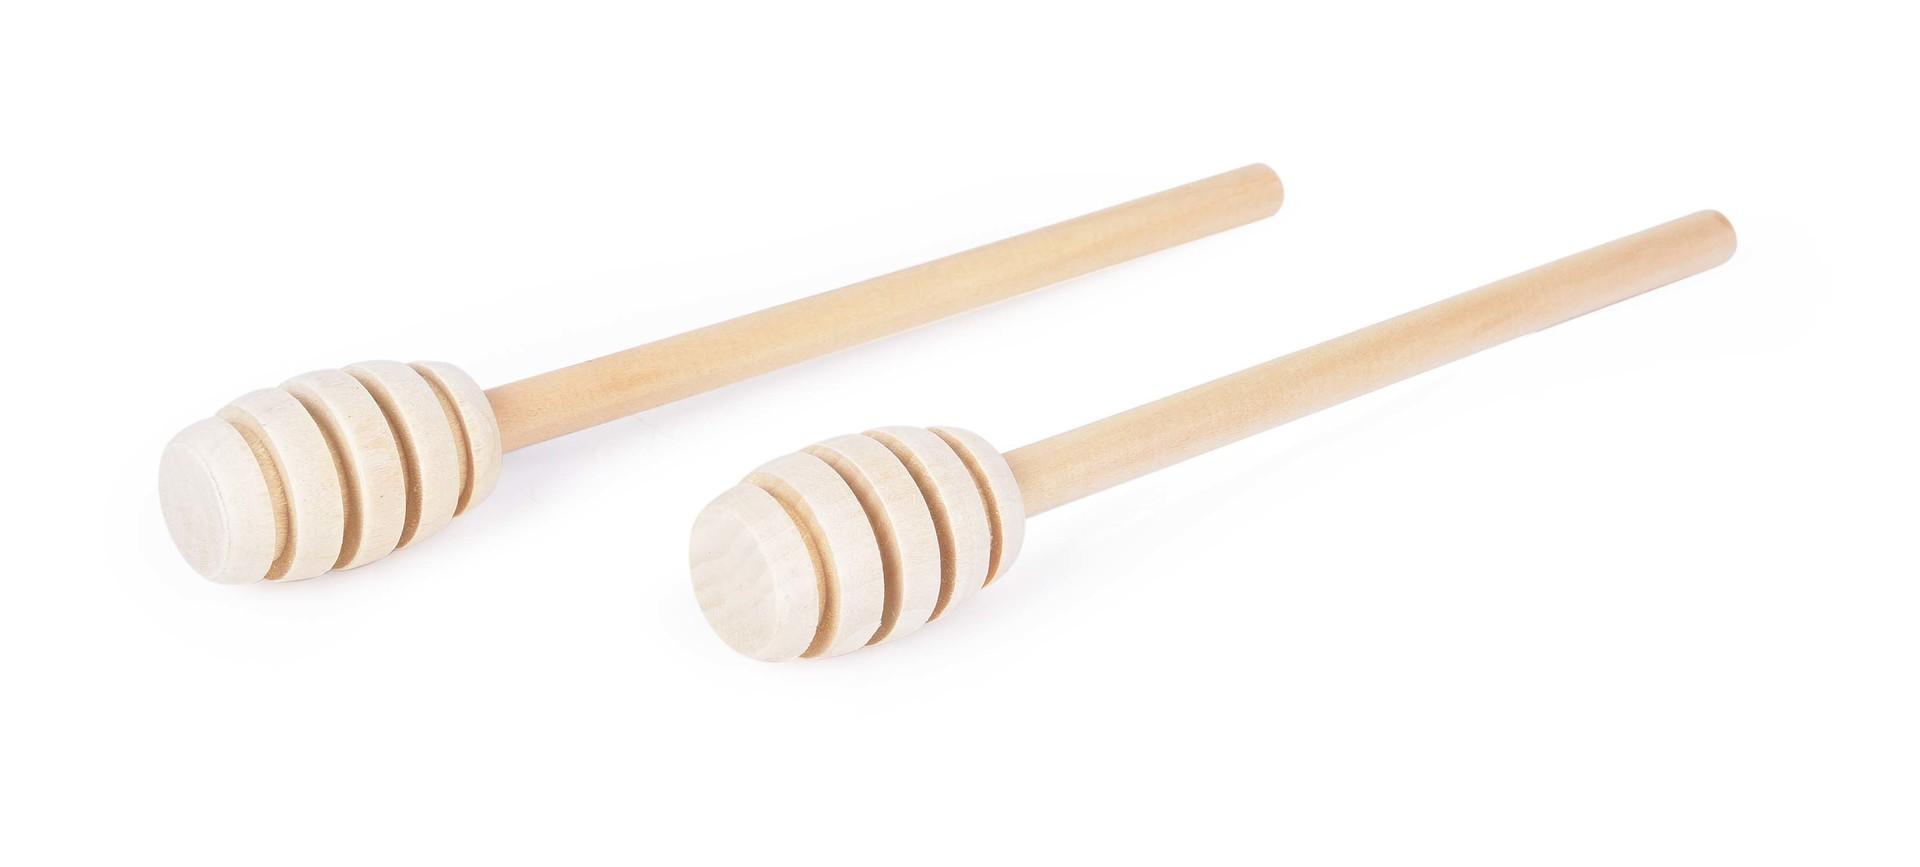 2 szt. miodo³y¿ka do miodu z drewna bukowego GoEco(R)